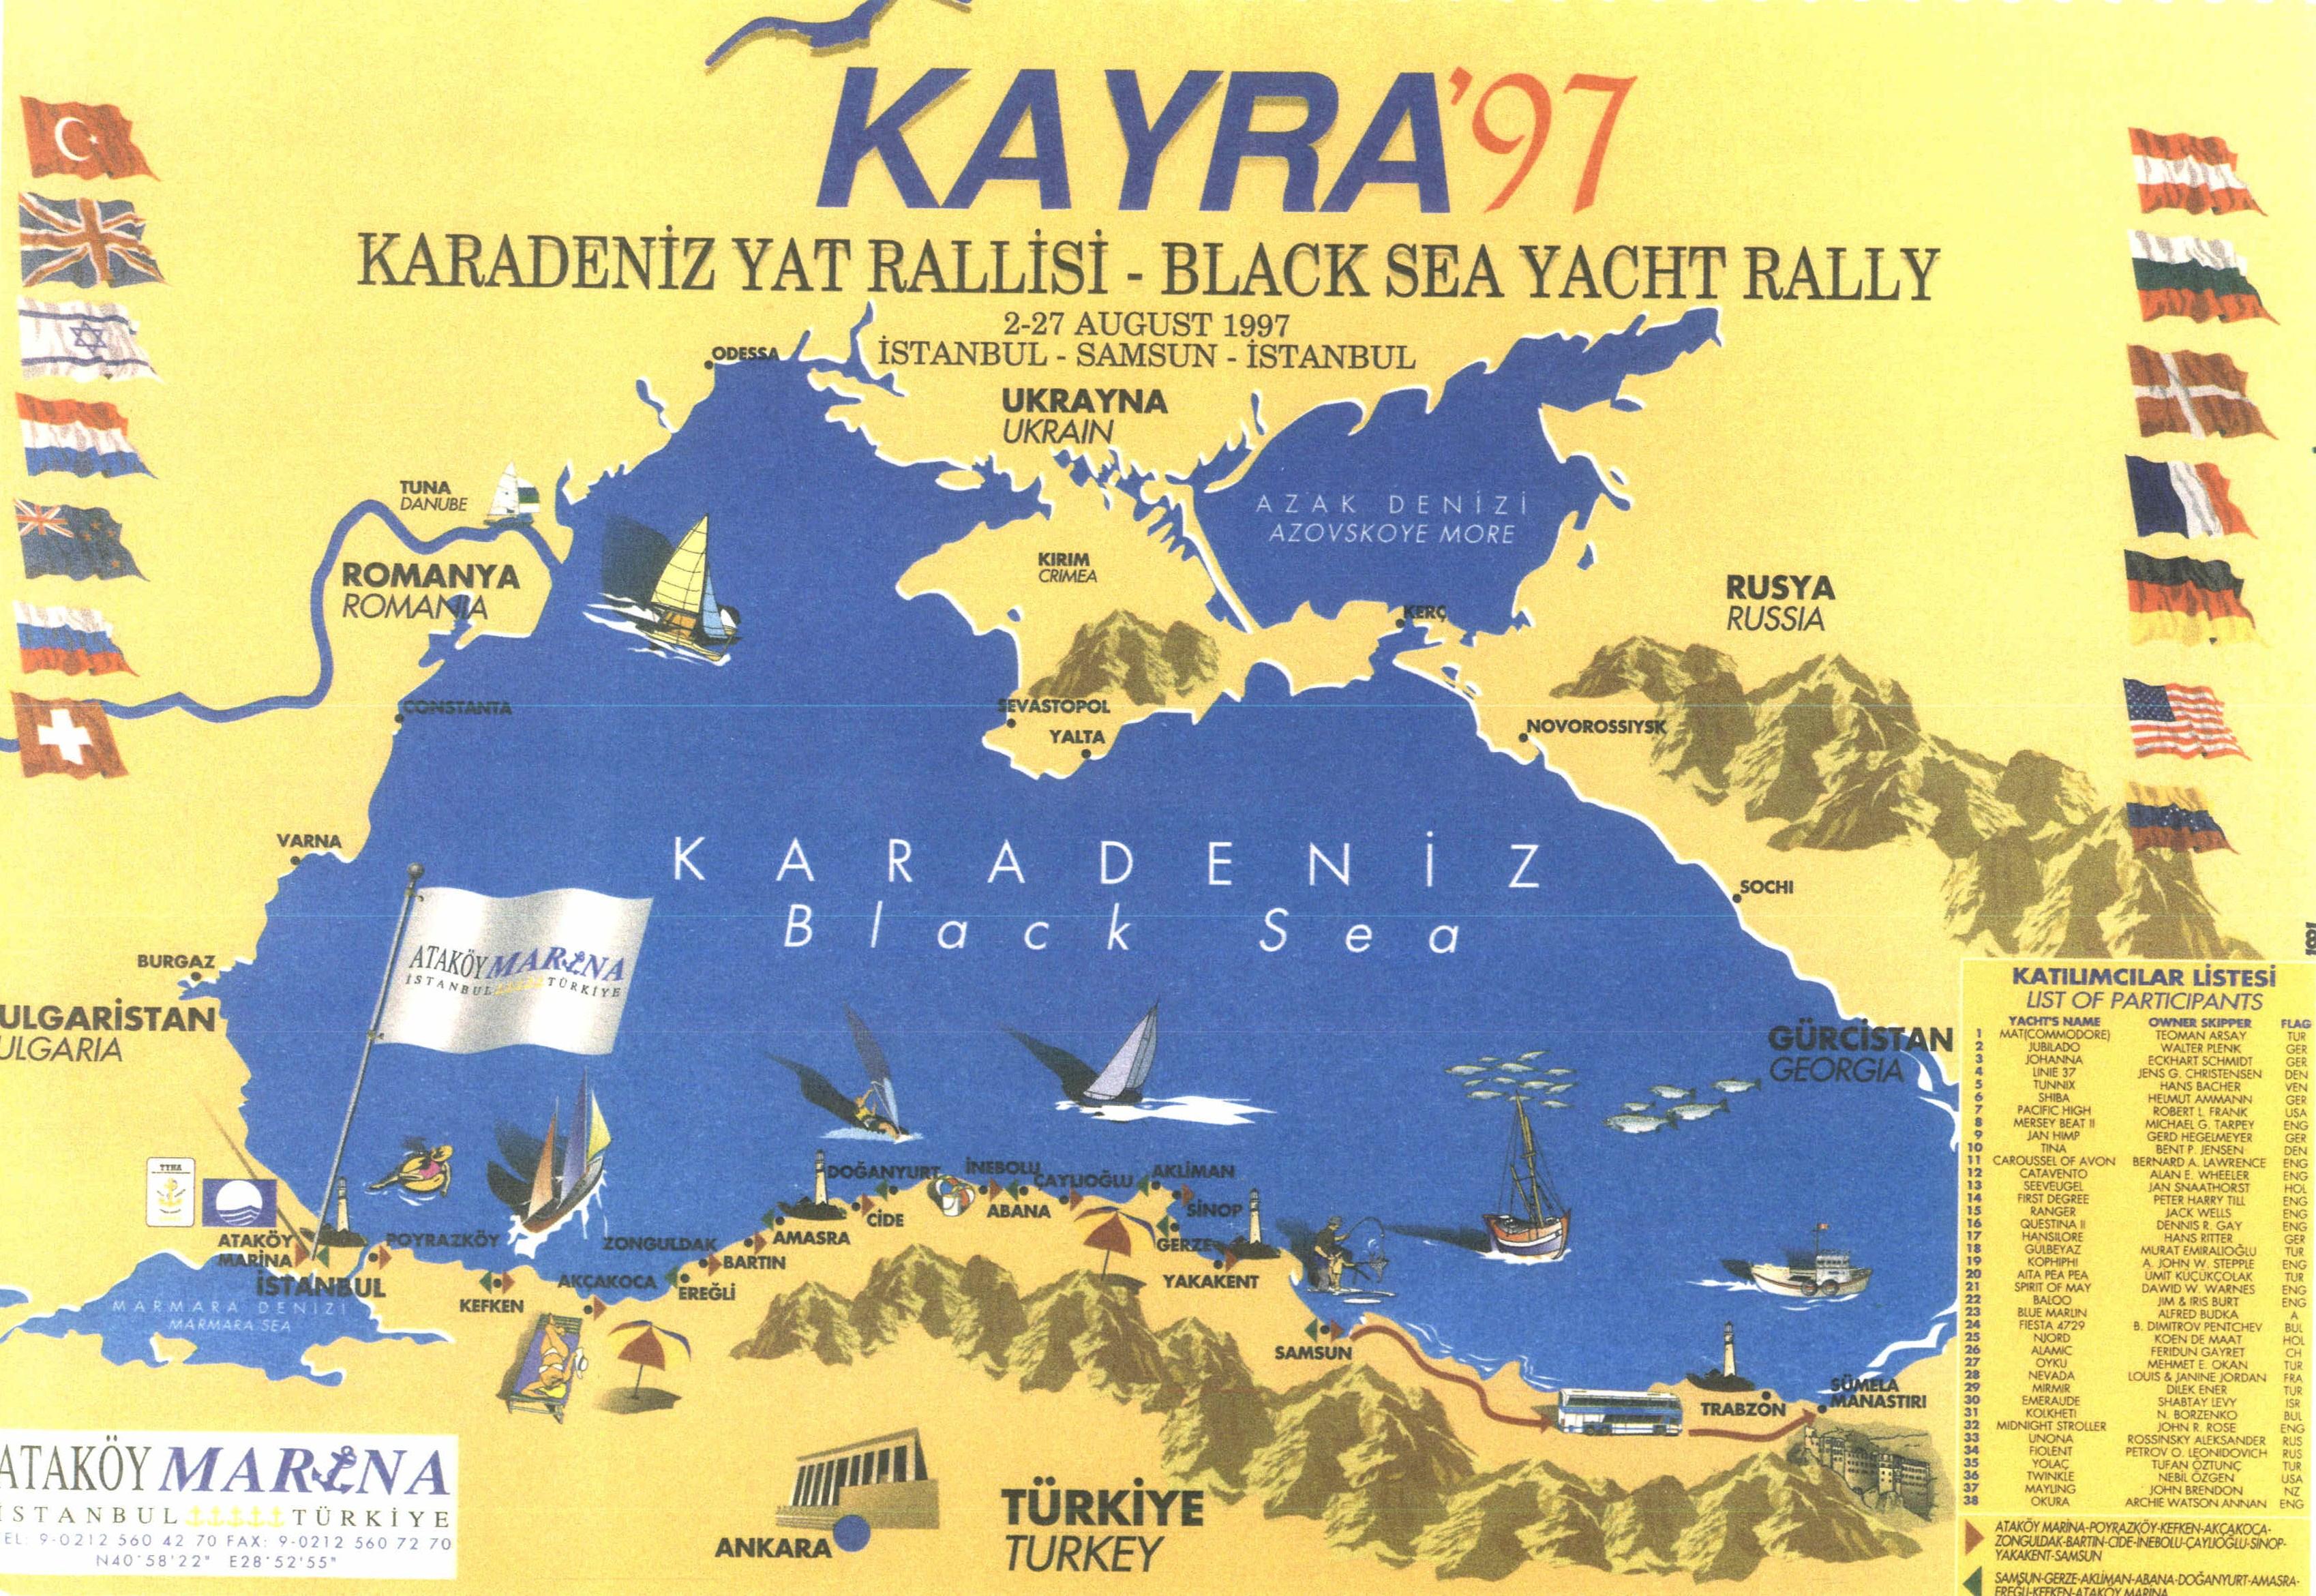 Karadeniz Yat Rallisi - Black Sea Yacht Rally - 1997